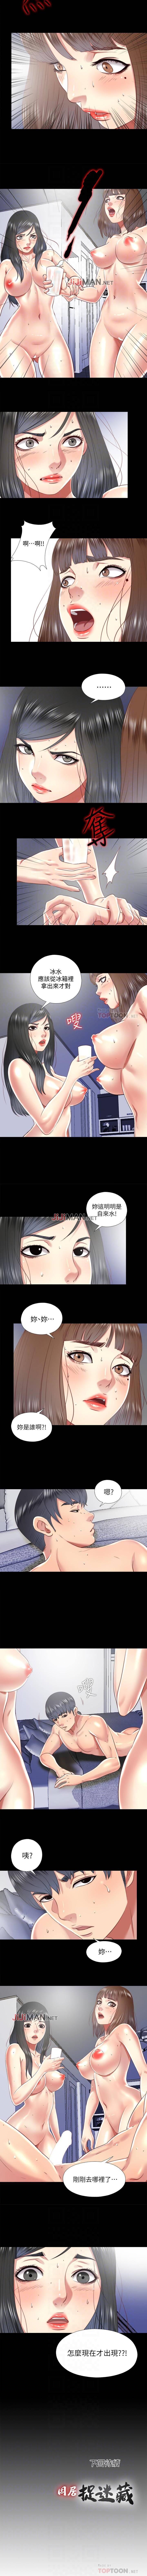 【已完结】同居捉迷藏(作者:林巨星) 第1~30话 94